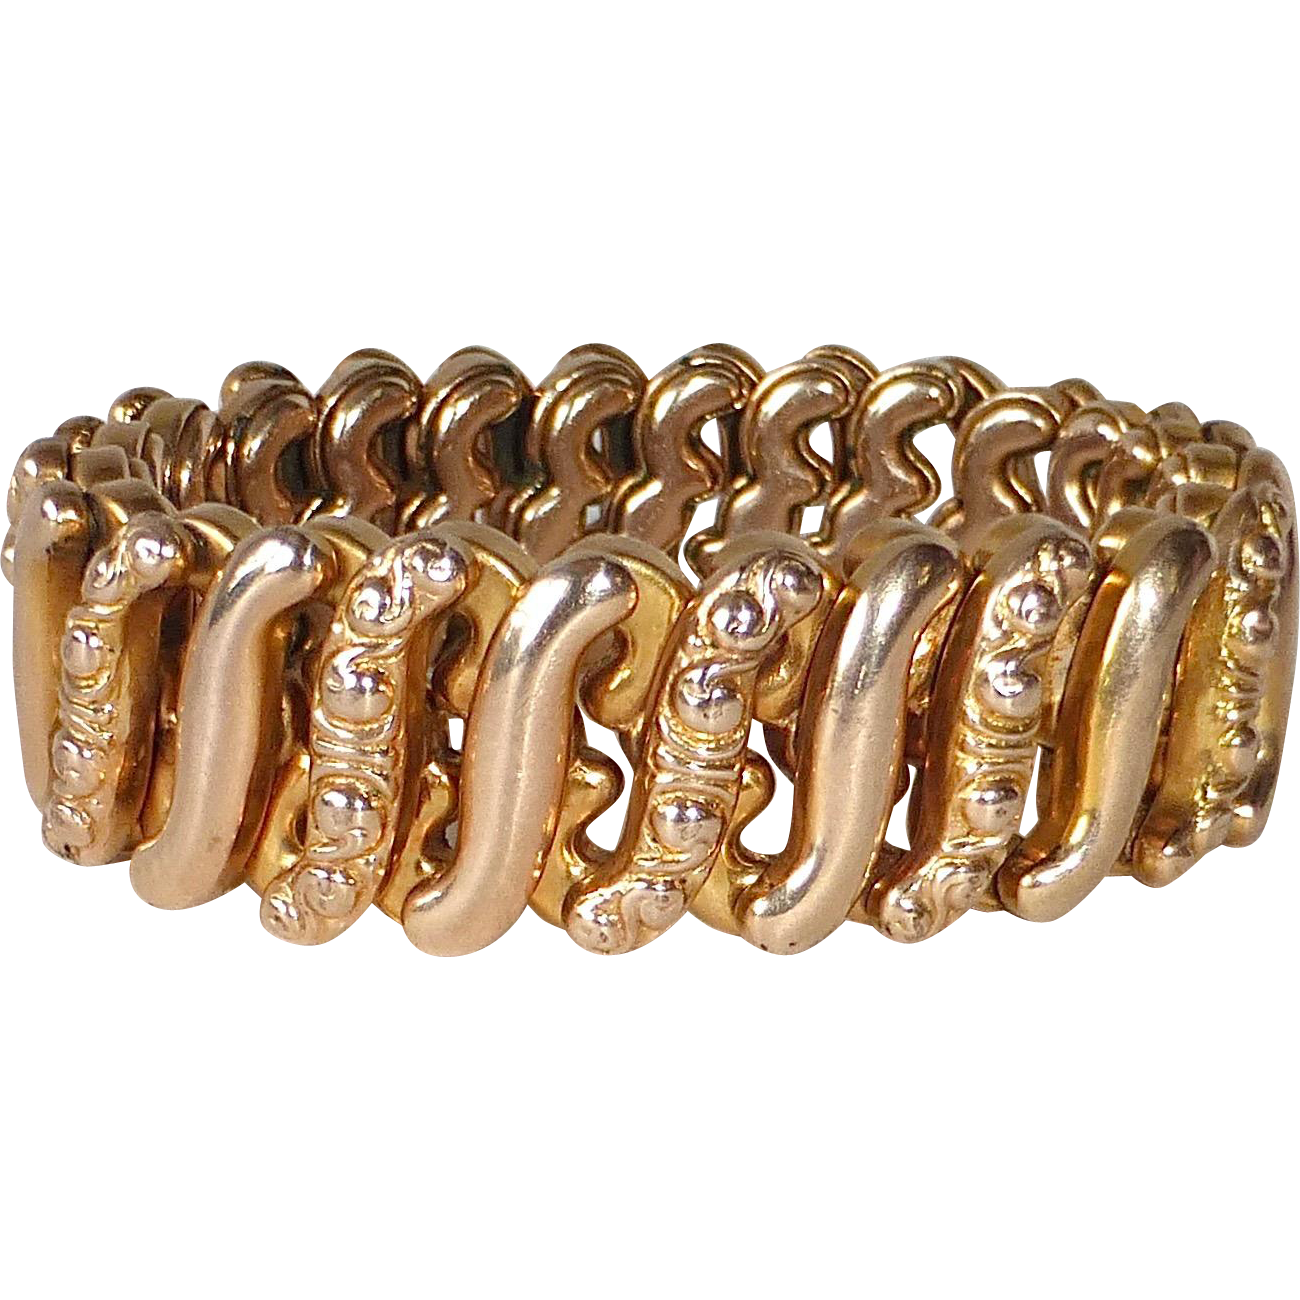 Gold Filled Embossed Expansion Stretch Bracelet